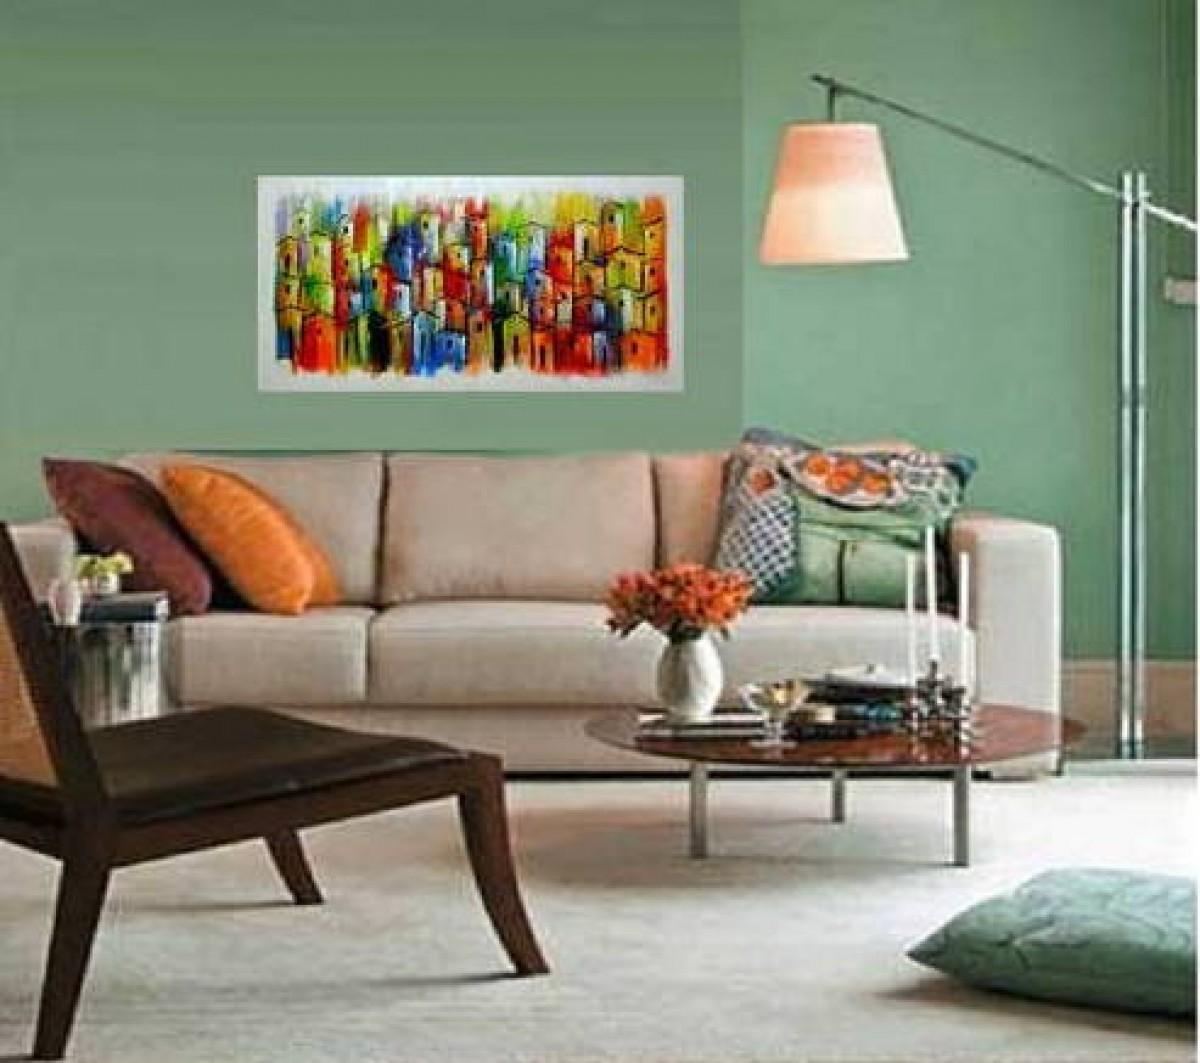 Quadro casario estilo moderno abstrato colorido 2a 50x100 for Estilo moderno